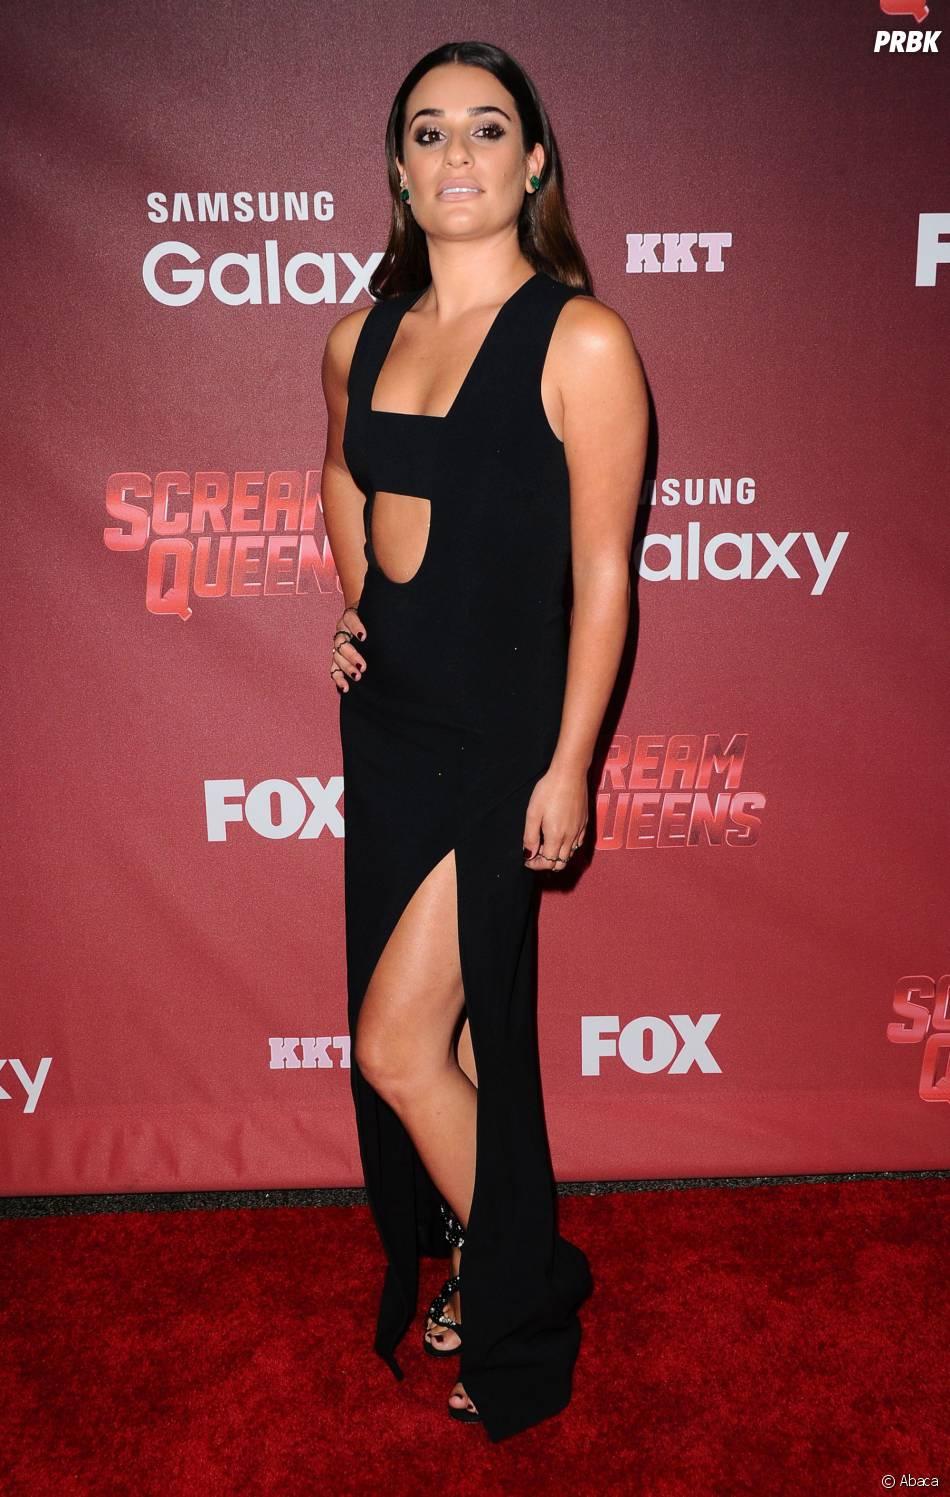 Lea Michele à l'avant-première de Scream Queens, le 21 septembre 2015 à Los Angeles